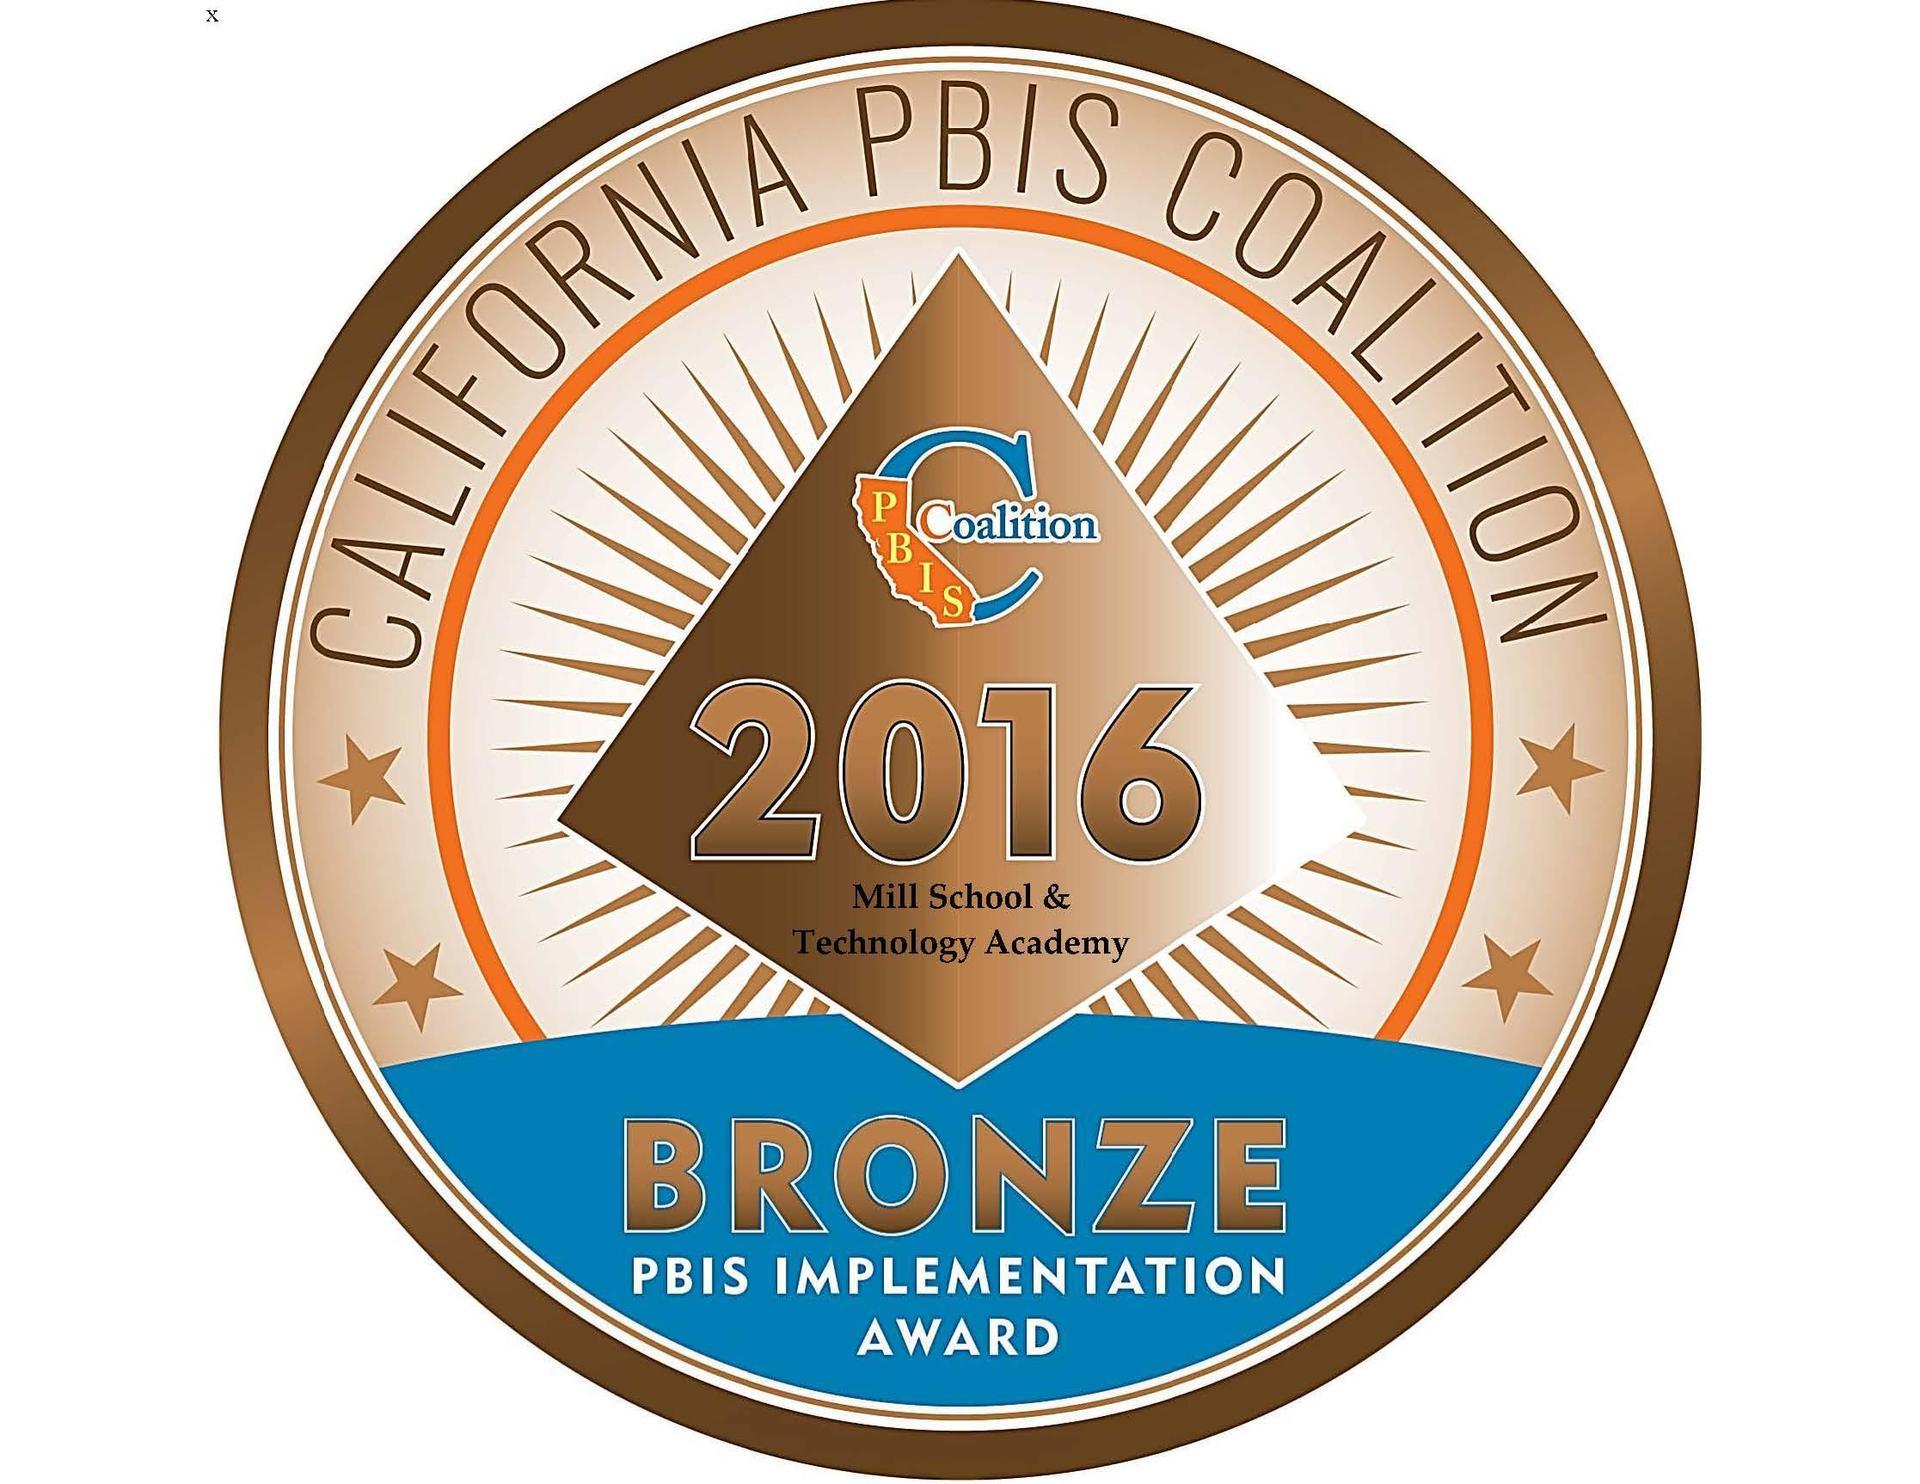 2016 PBIS Bronze Award Logo